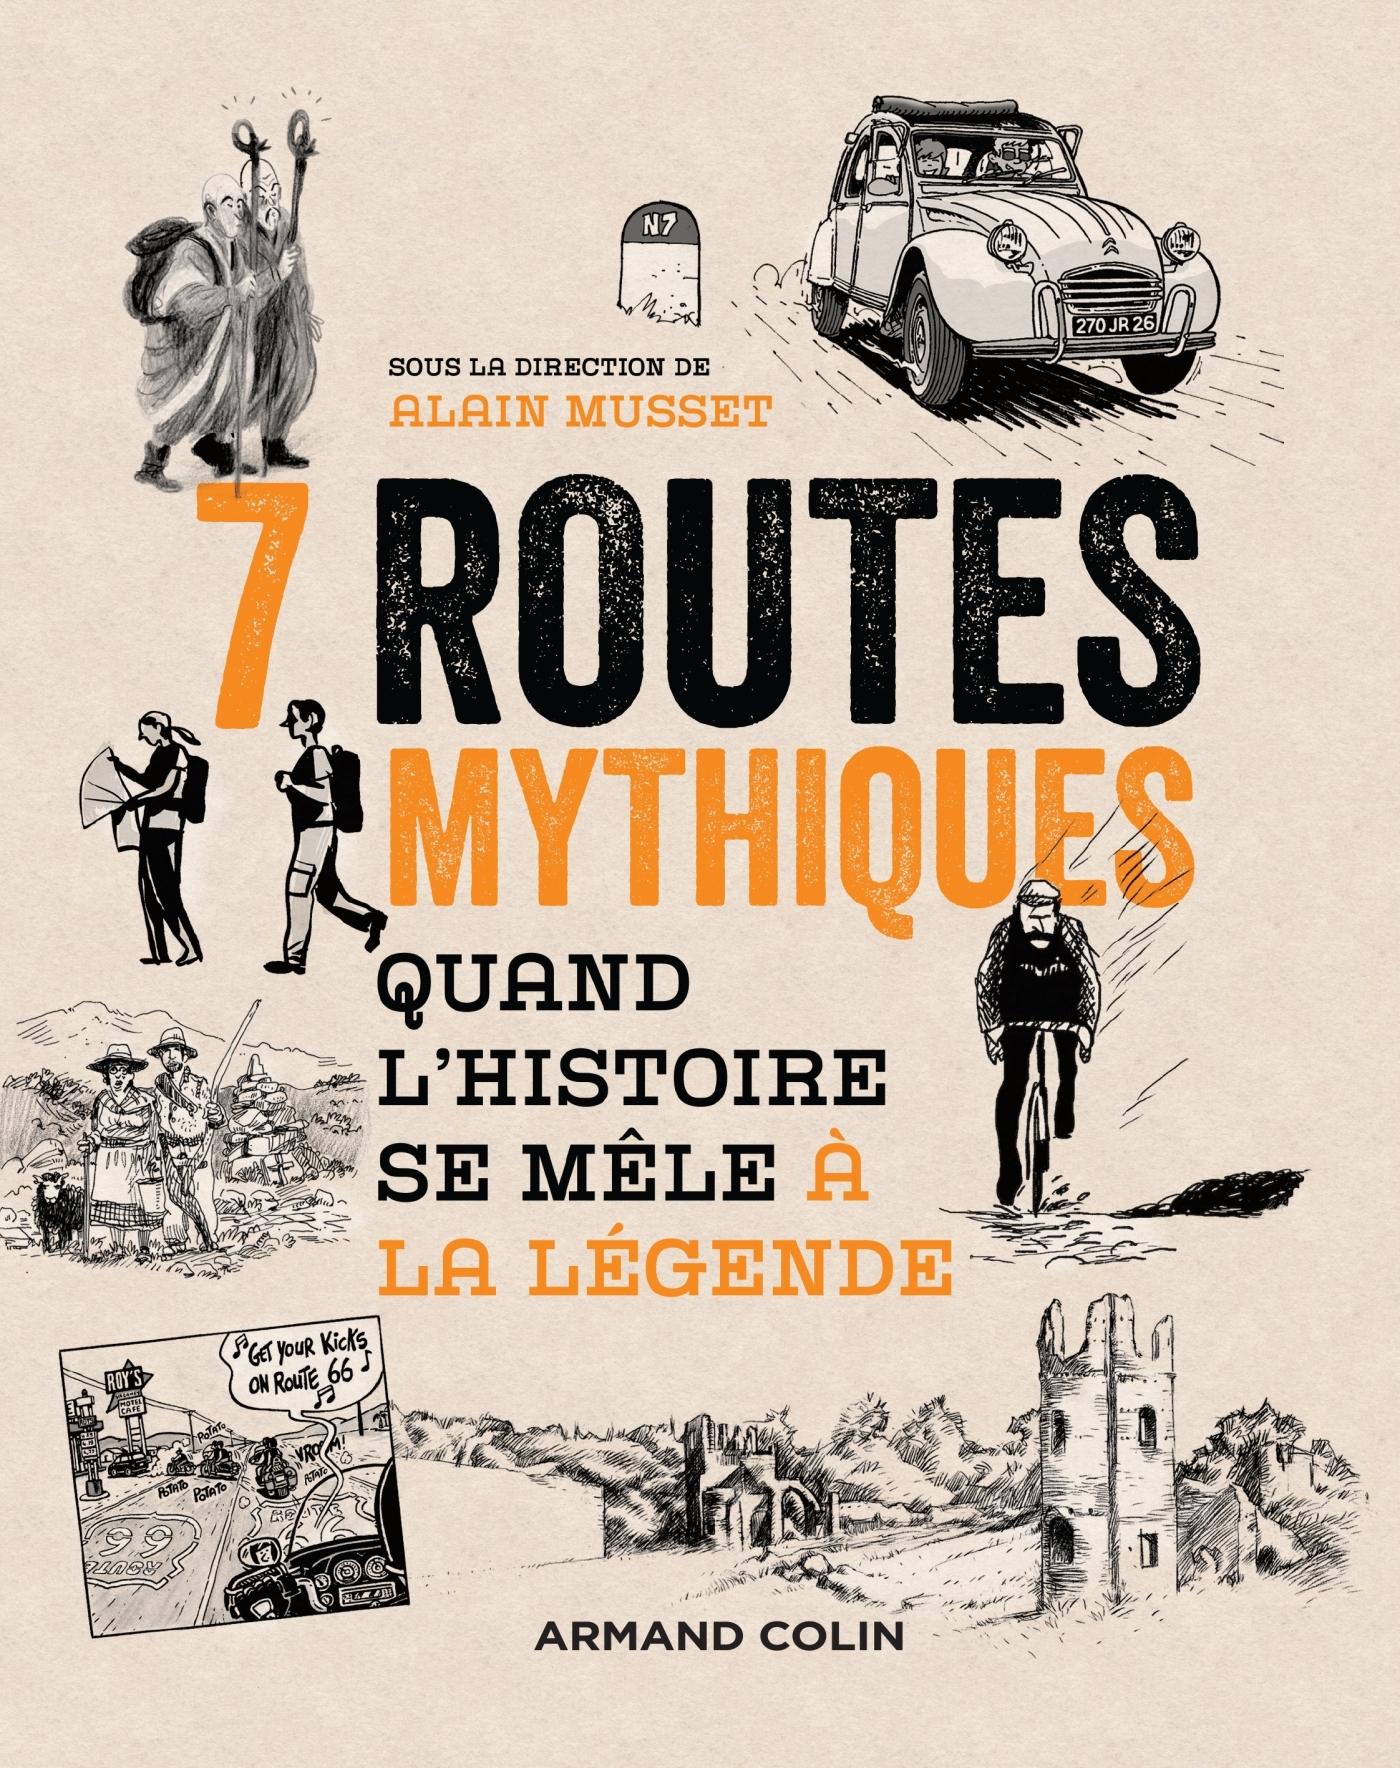 7 ROUTES MYTHIQUES - QUAND L'HISTOIRE SE MELE A LA LEGENDE